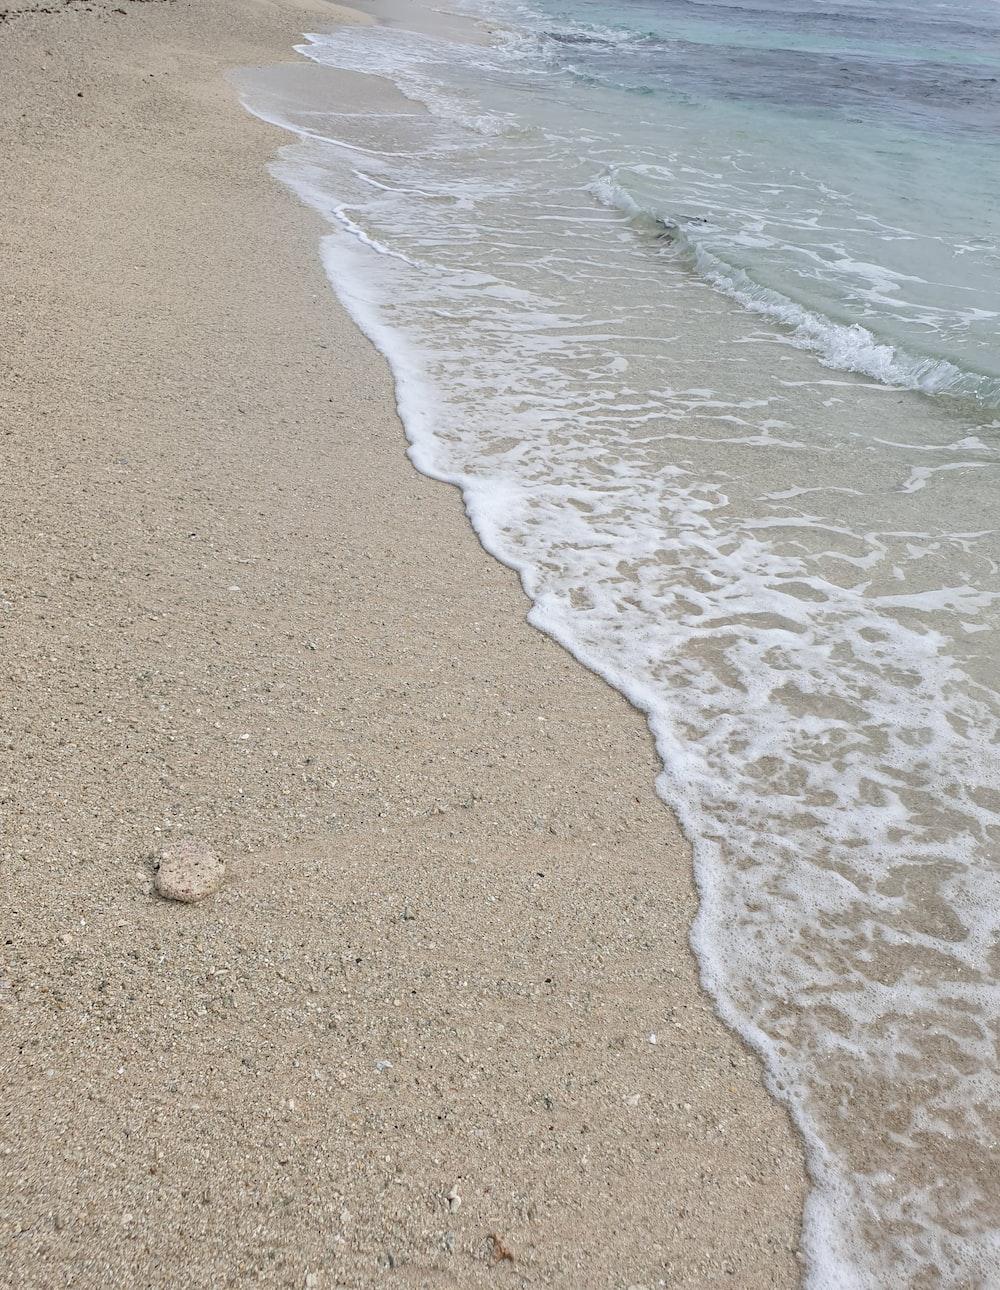 close view of seashore at daytime